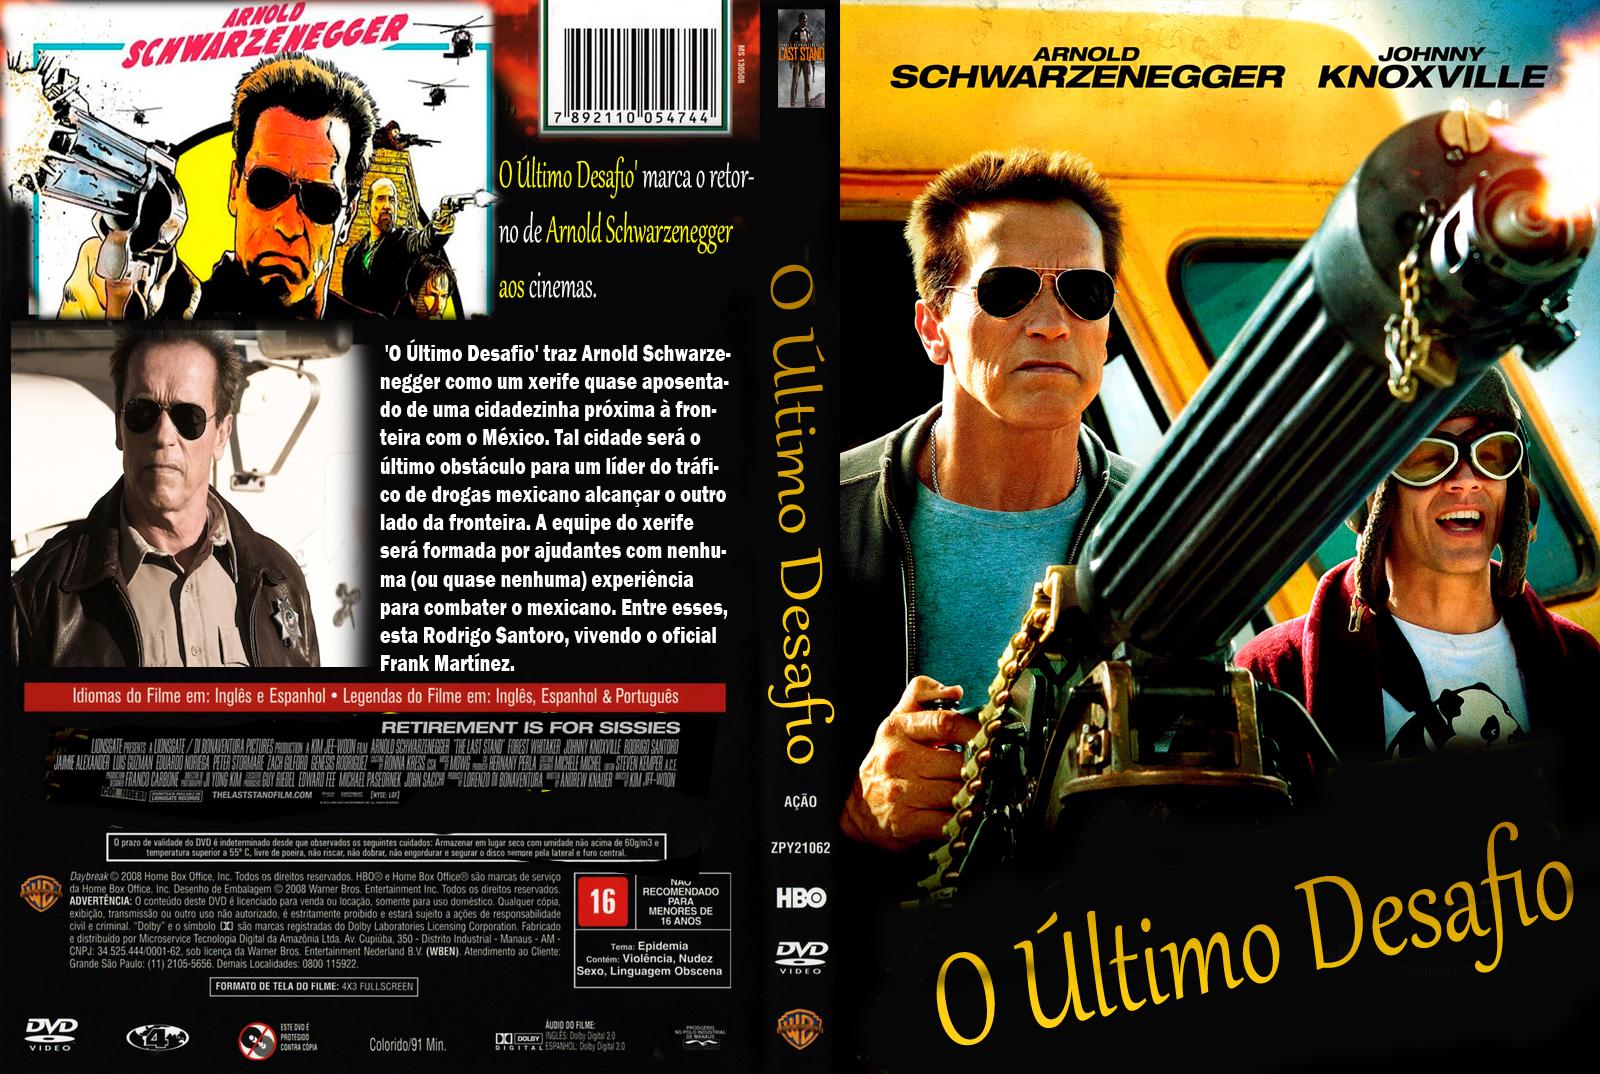 http://3.bp.blogspot.com/-AHlVYFNix-4/USLVdwigxzI/AAAAAAAALJ0/YbF7JxSnptA/s1600/O+%C3%9Altimo+Desafio.jpg